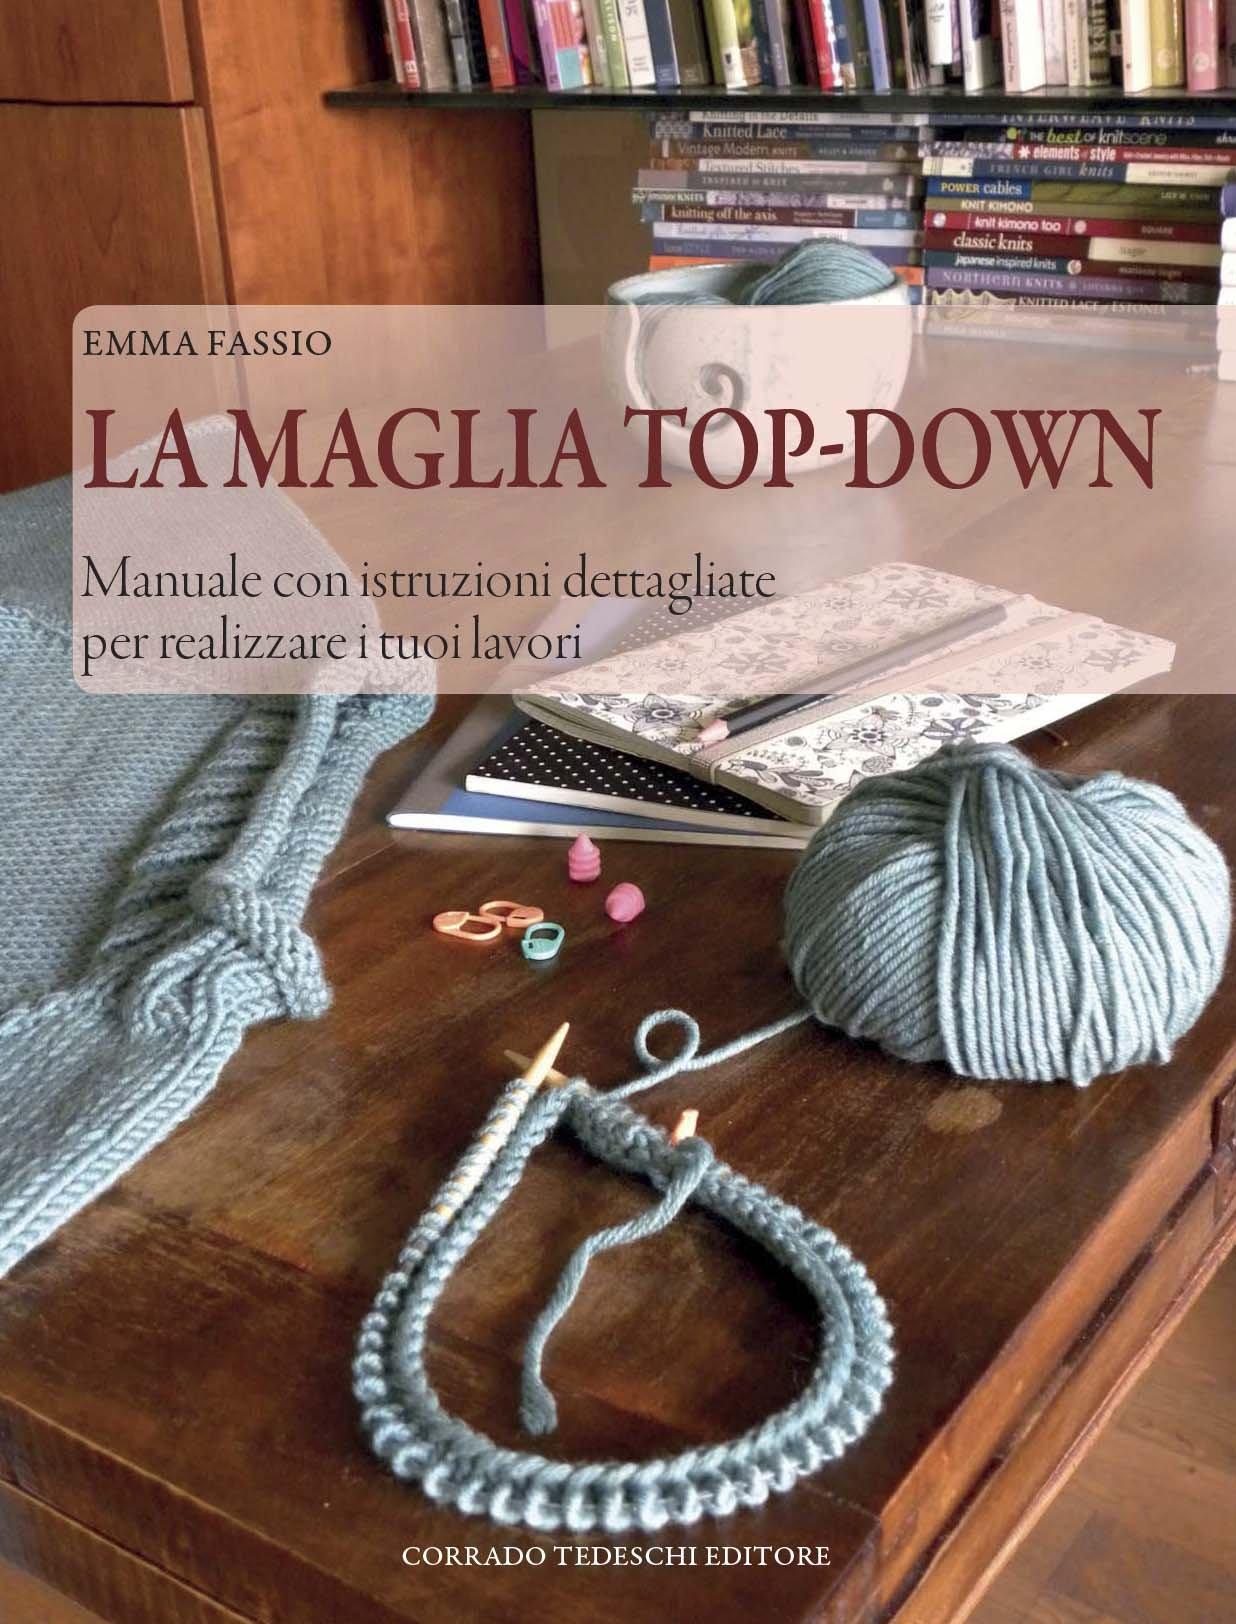 d8fe4b8ec7 Amazon.it: La maglia top-down. Manuale con istruzioni dettagliate ...